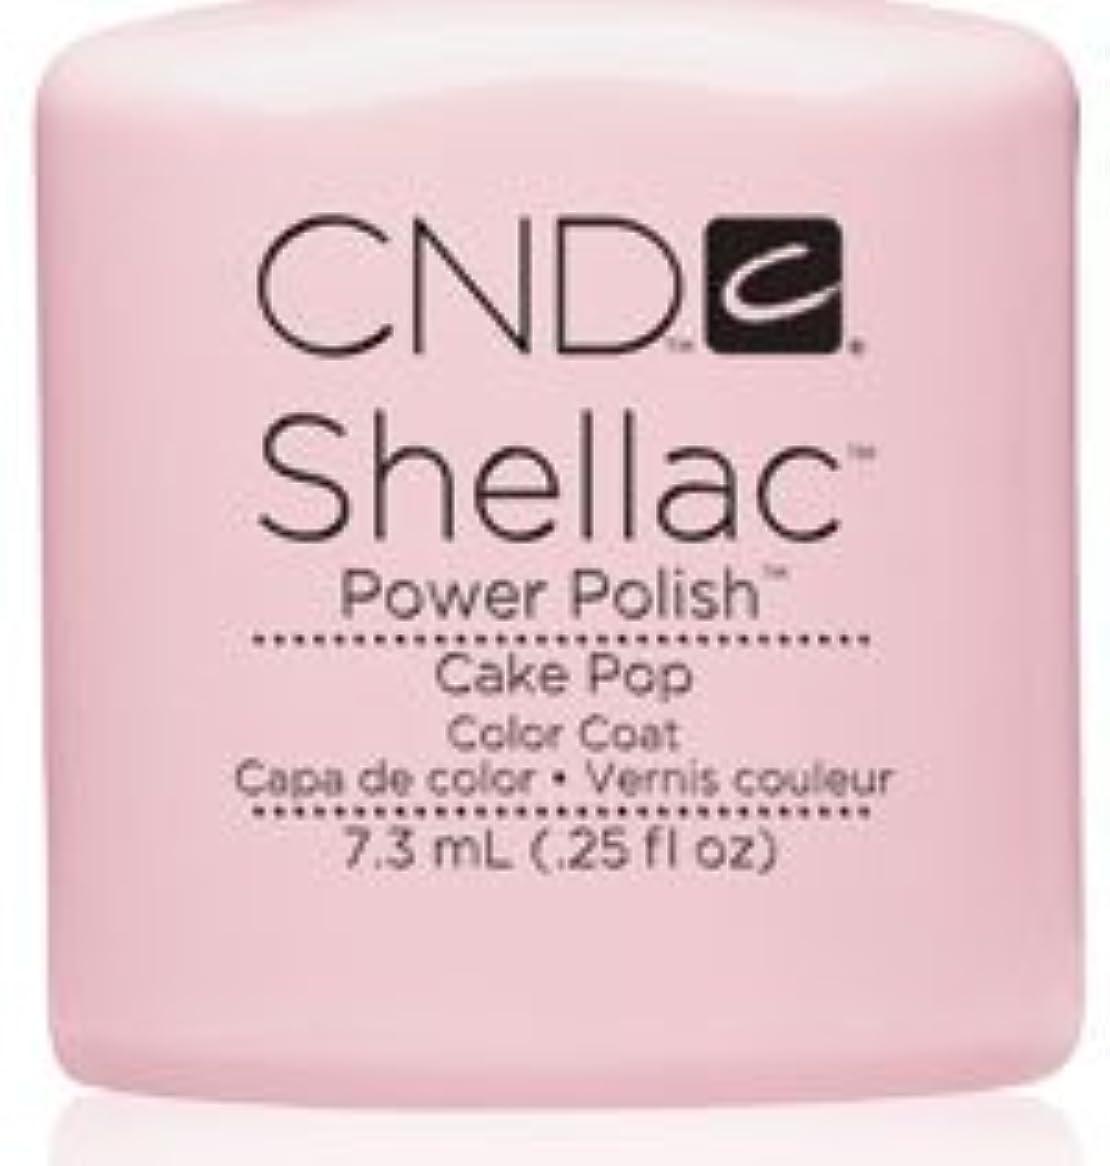 CND シェラック UVカラーコート 7.3ml<BR>112 ケーキポップ